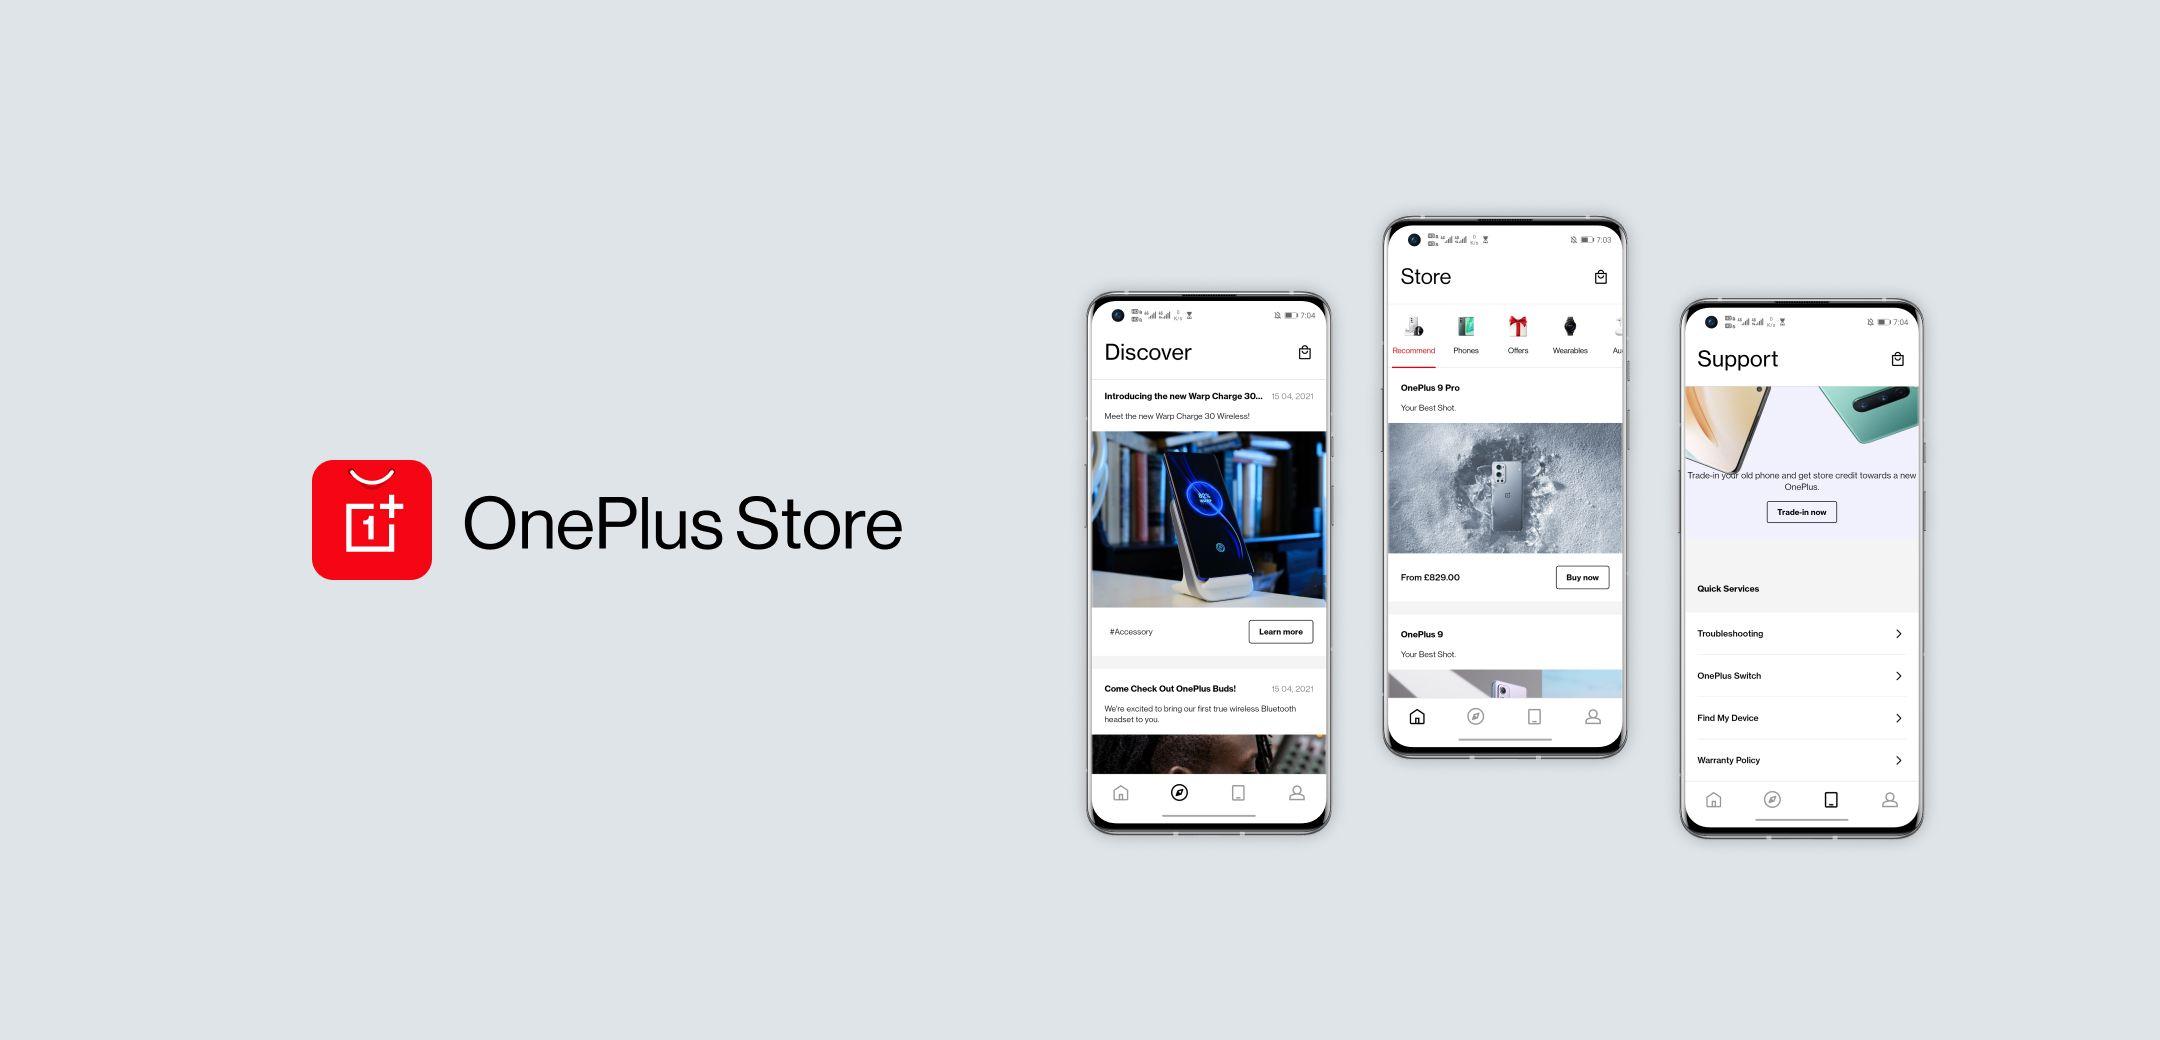 L'app OnePlus Store è in arrivo in Europa: ecco come partecipare alla beta (download apk)